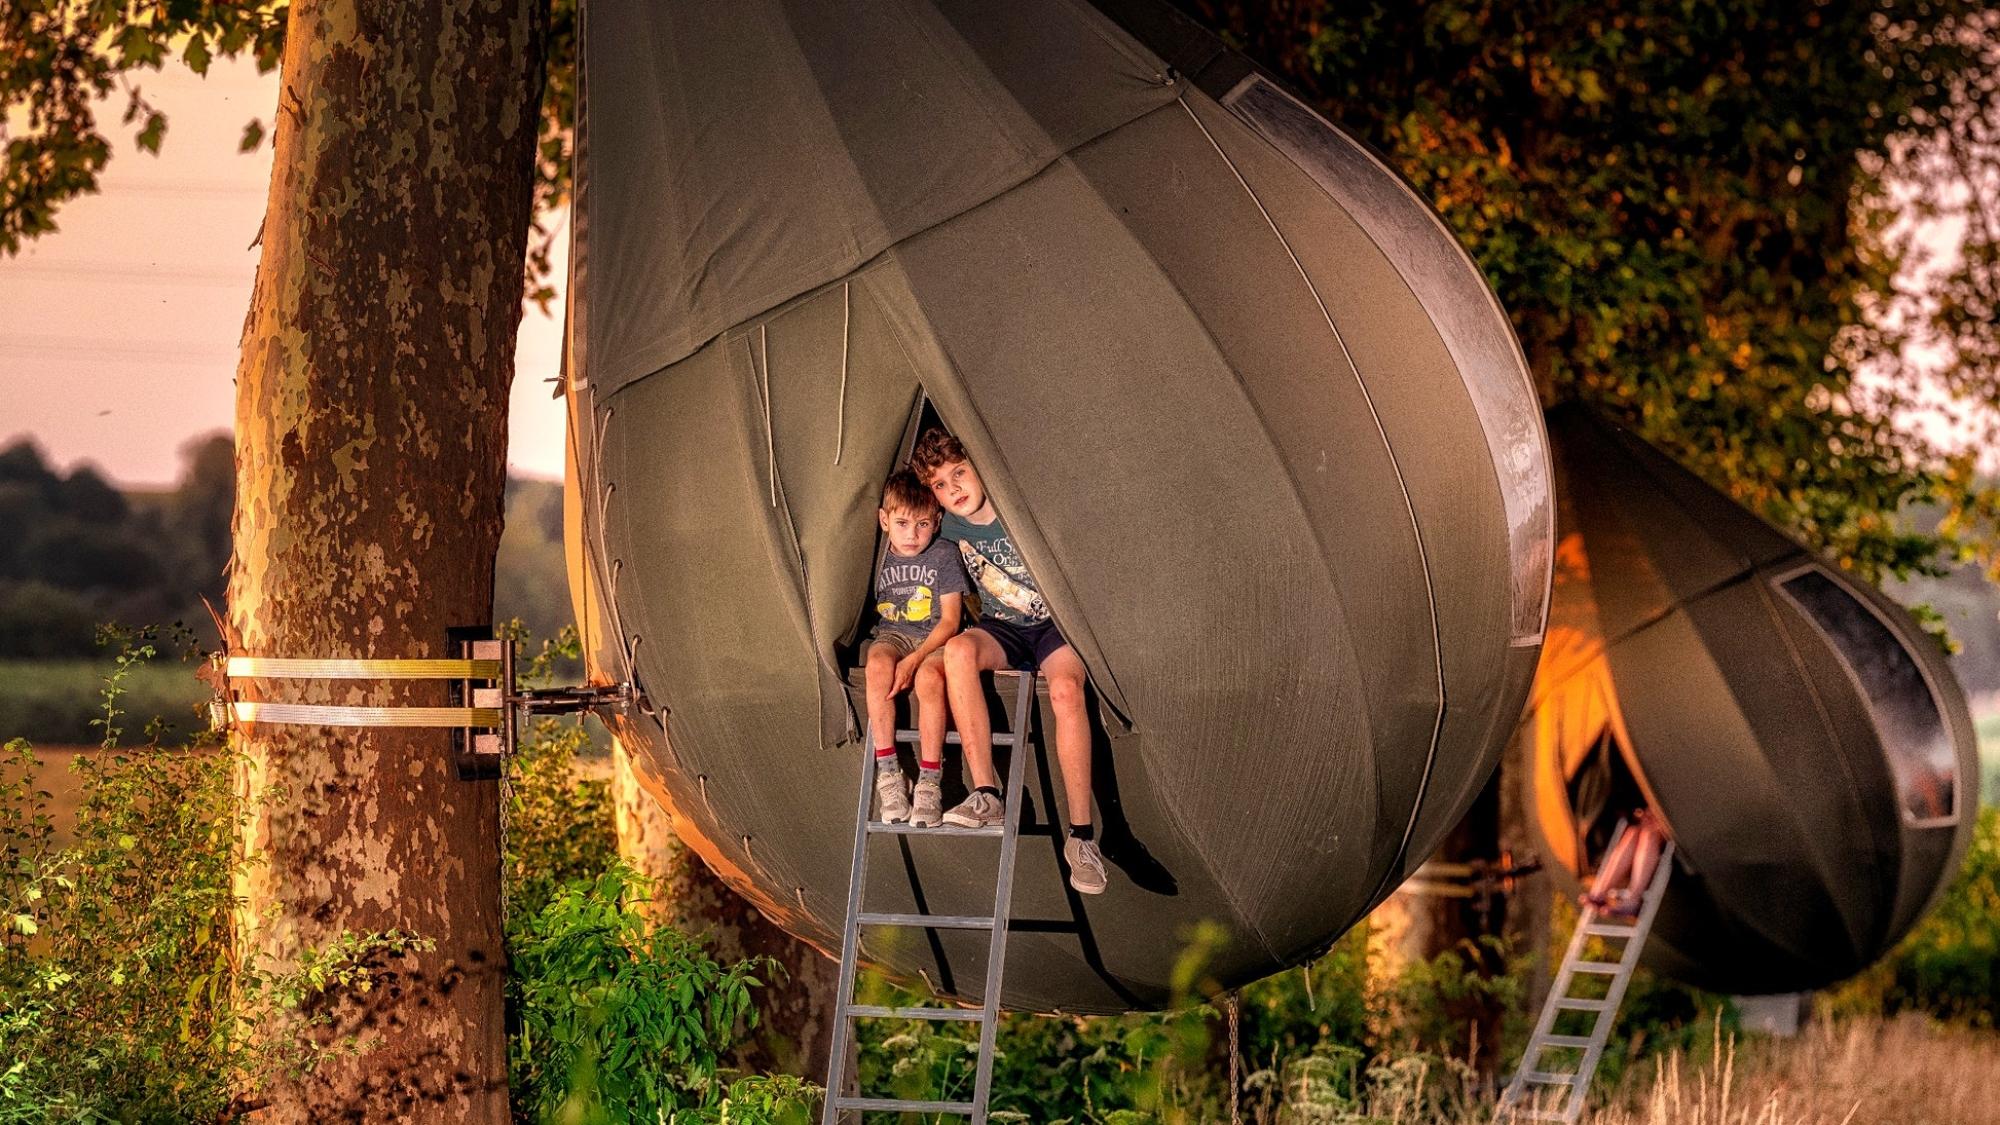 可以通過梯子進入帳篷©Visit Limburg